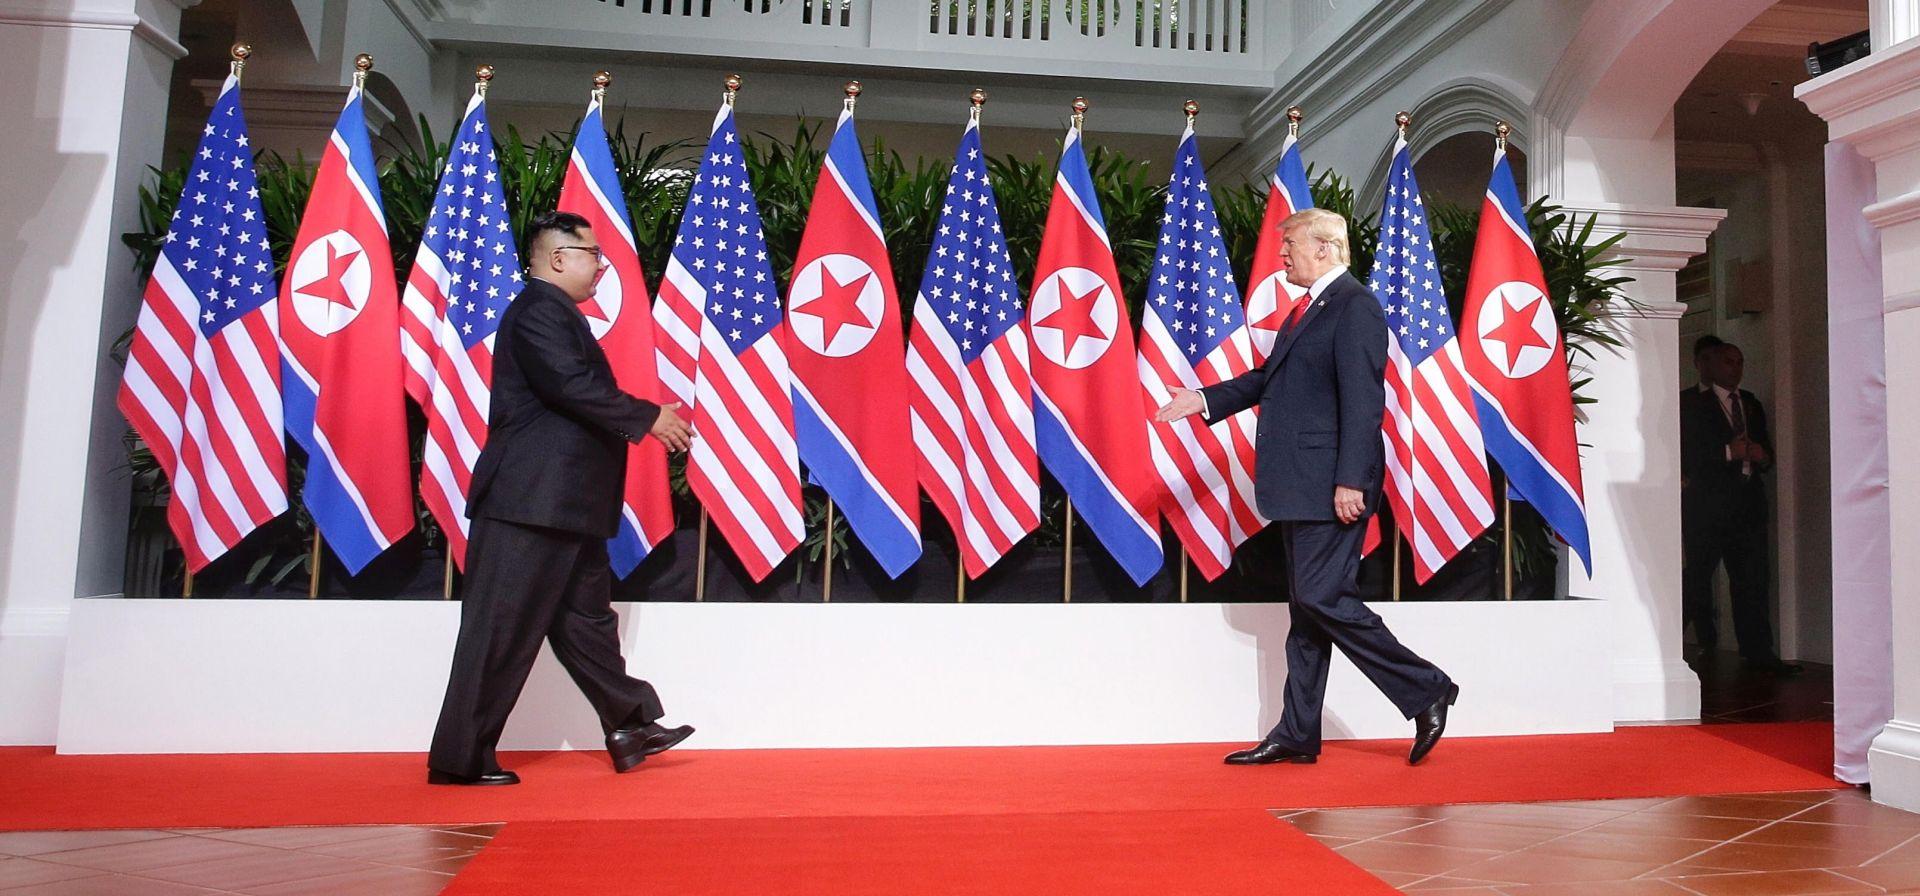 Sjevernokorejski mediji o Trumpovim ustupcima